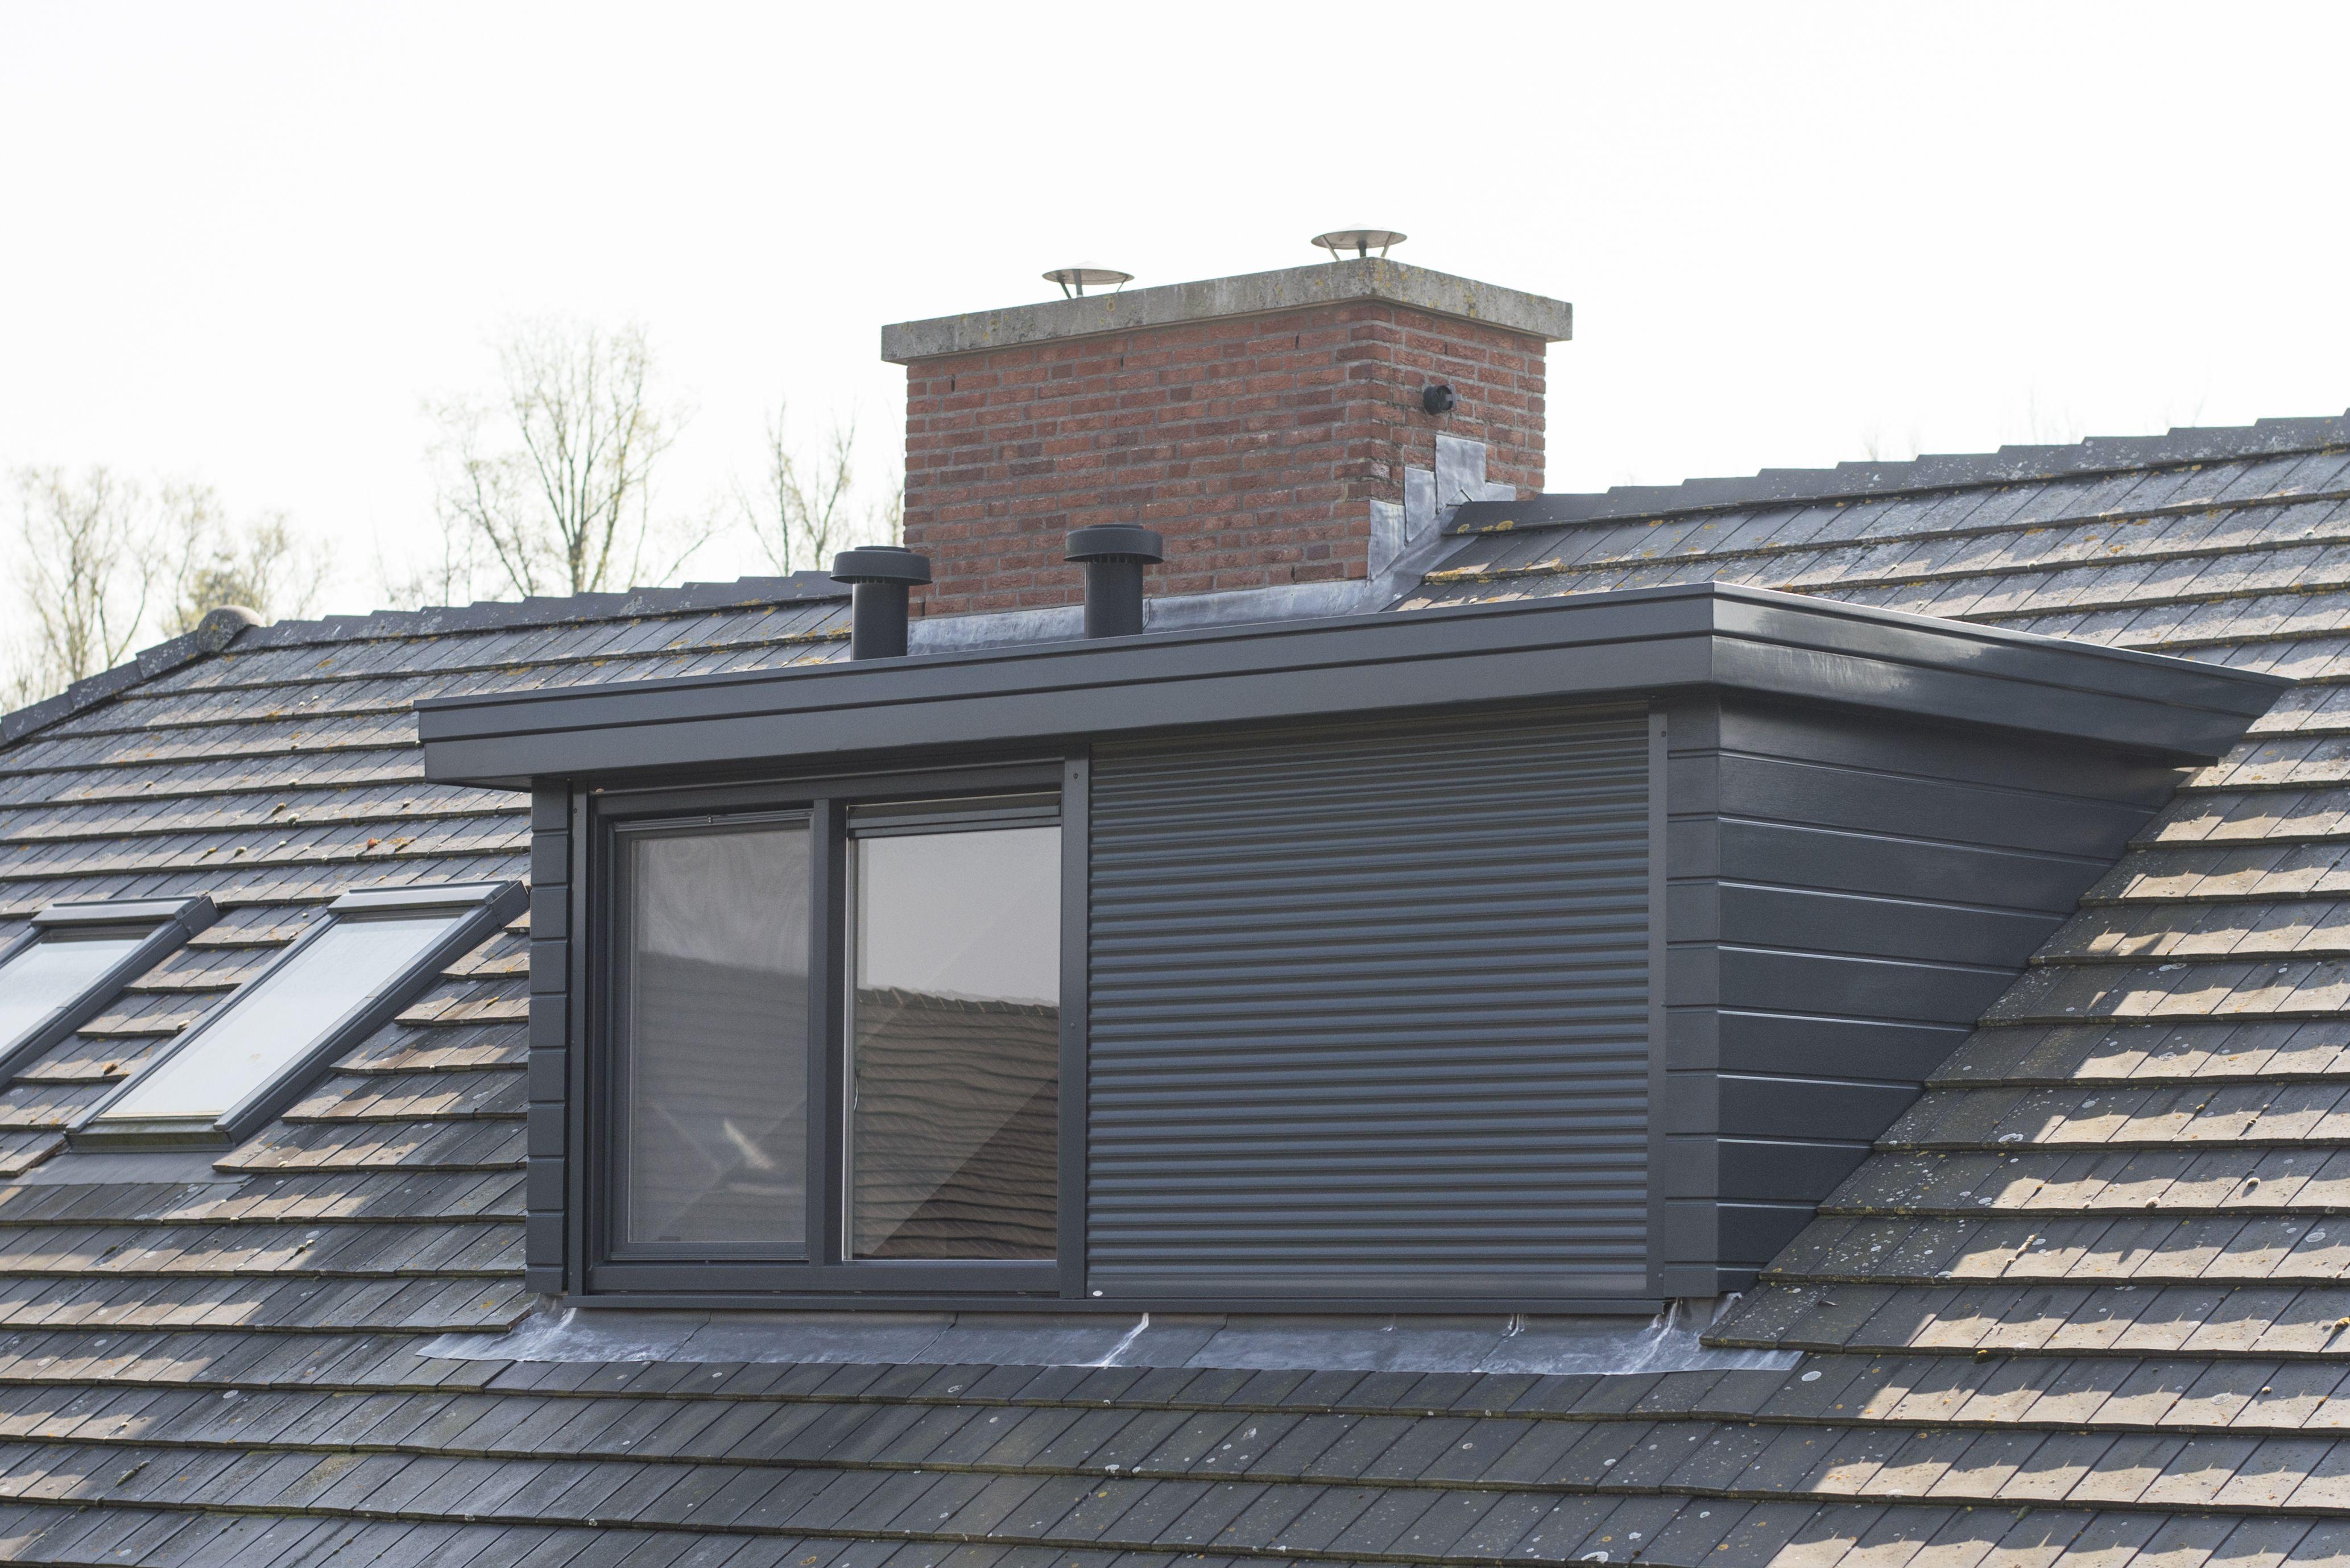 ge ntegreerde rolluiken in een dakkapel extension en 2019 toiture maison et renovation fenetre. Black Bedroom Furniture Sets. Home Design Ideas